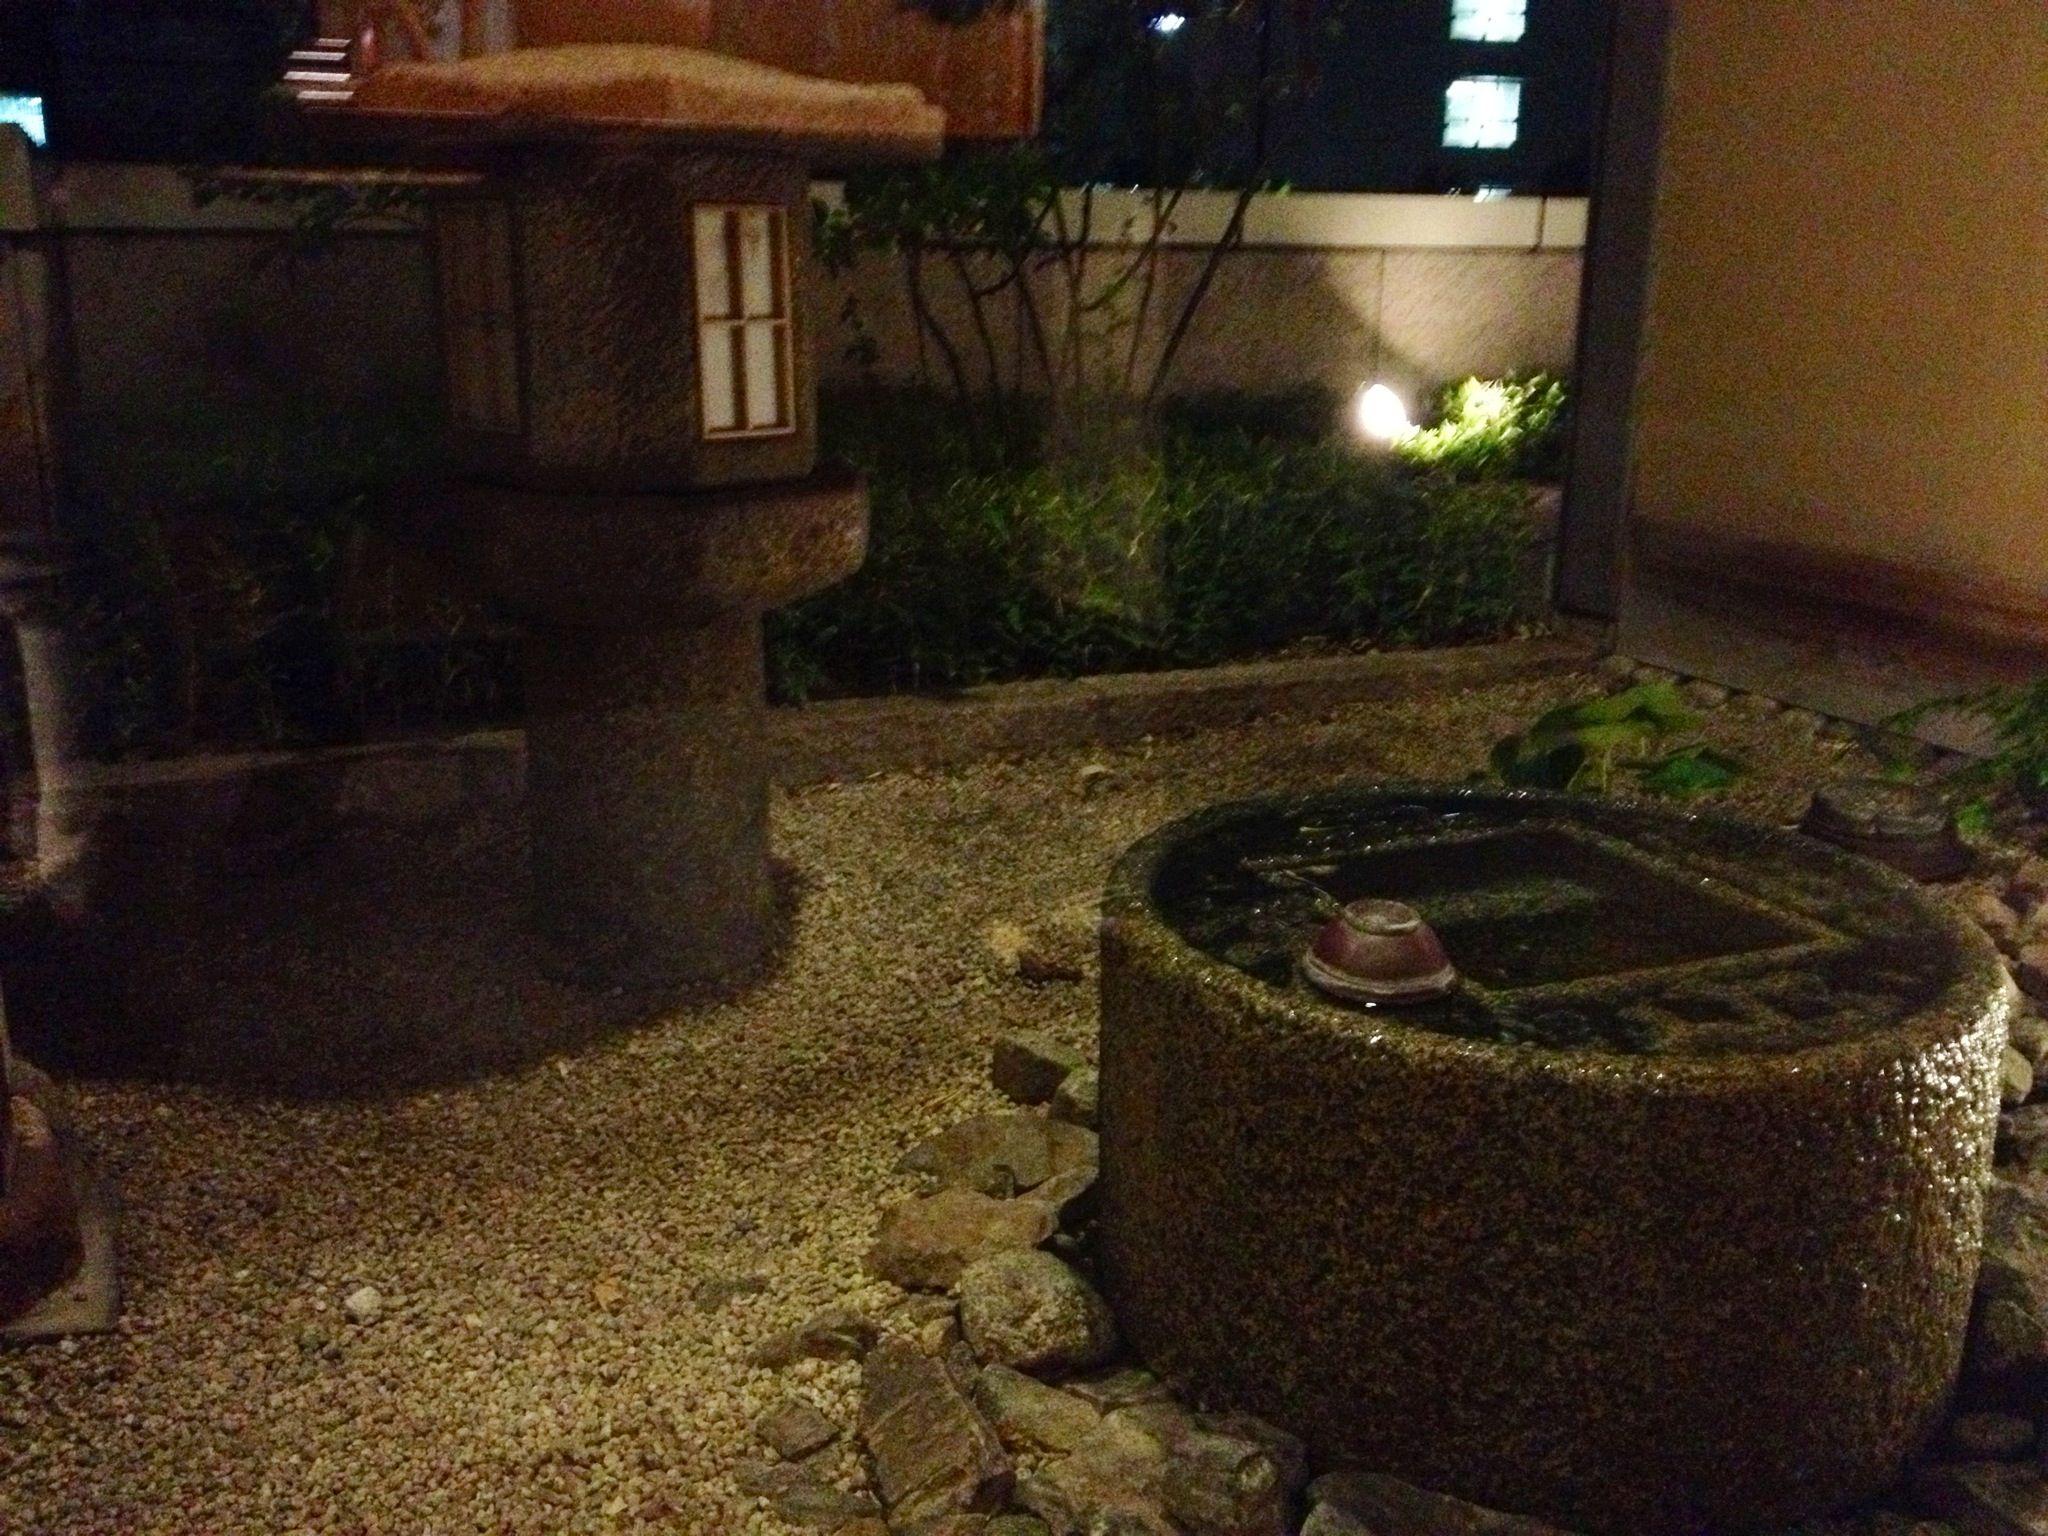 Indoor zen garden z scene pinterest - Japanese zen garden indoor ...